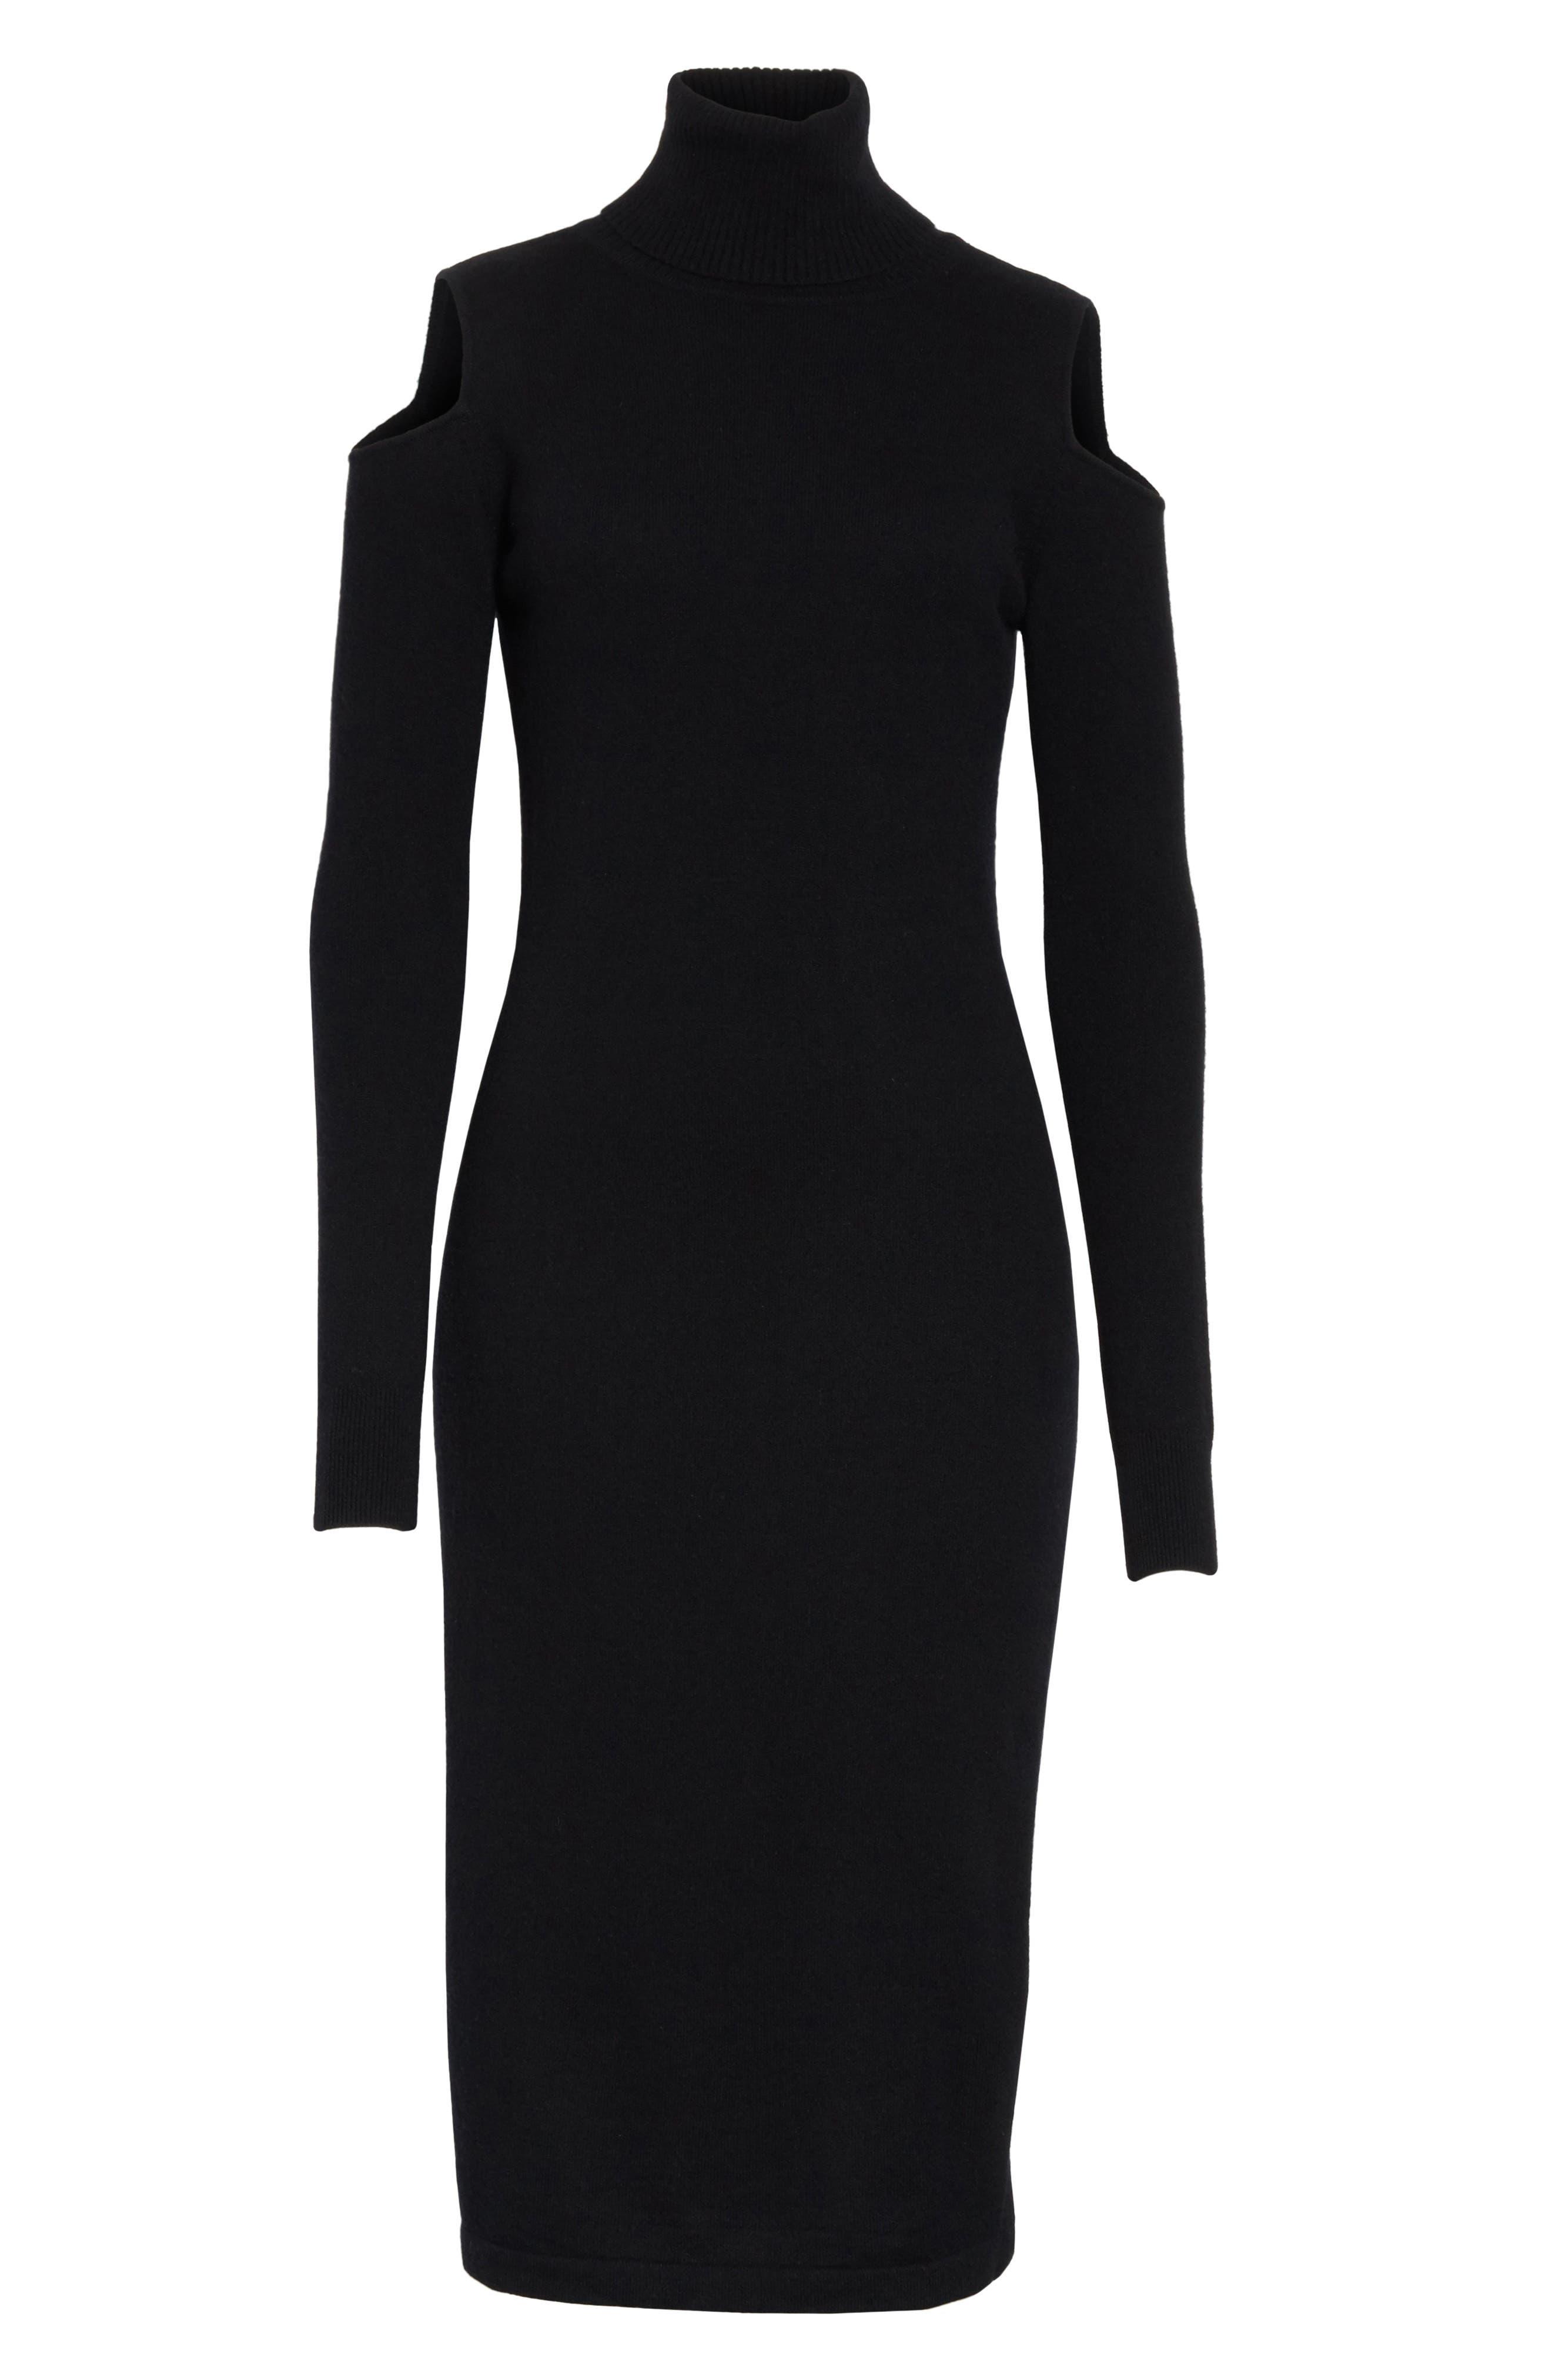 Cashmere Cold Shoulder Turtleneck Sweater Dress,                             Alternate thumbnail 11, color,